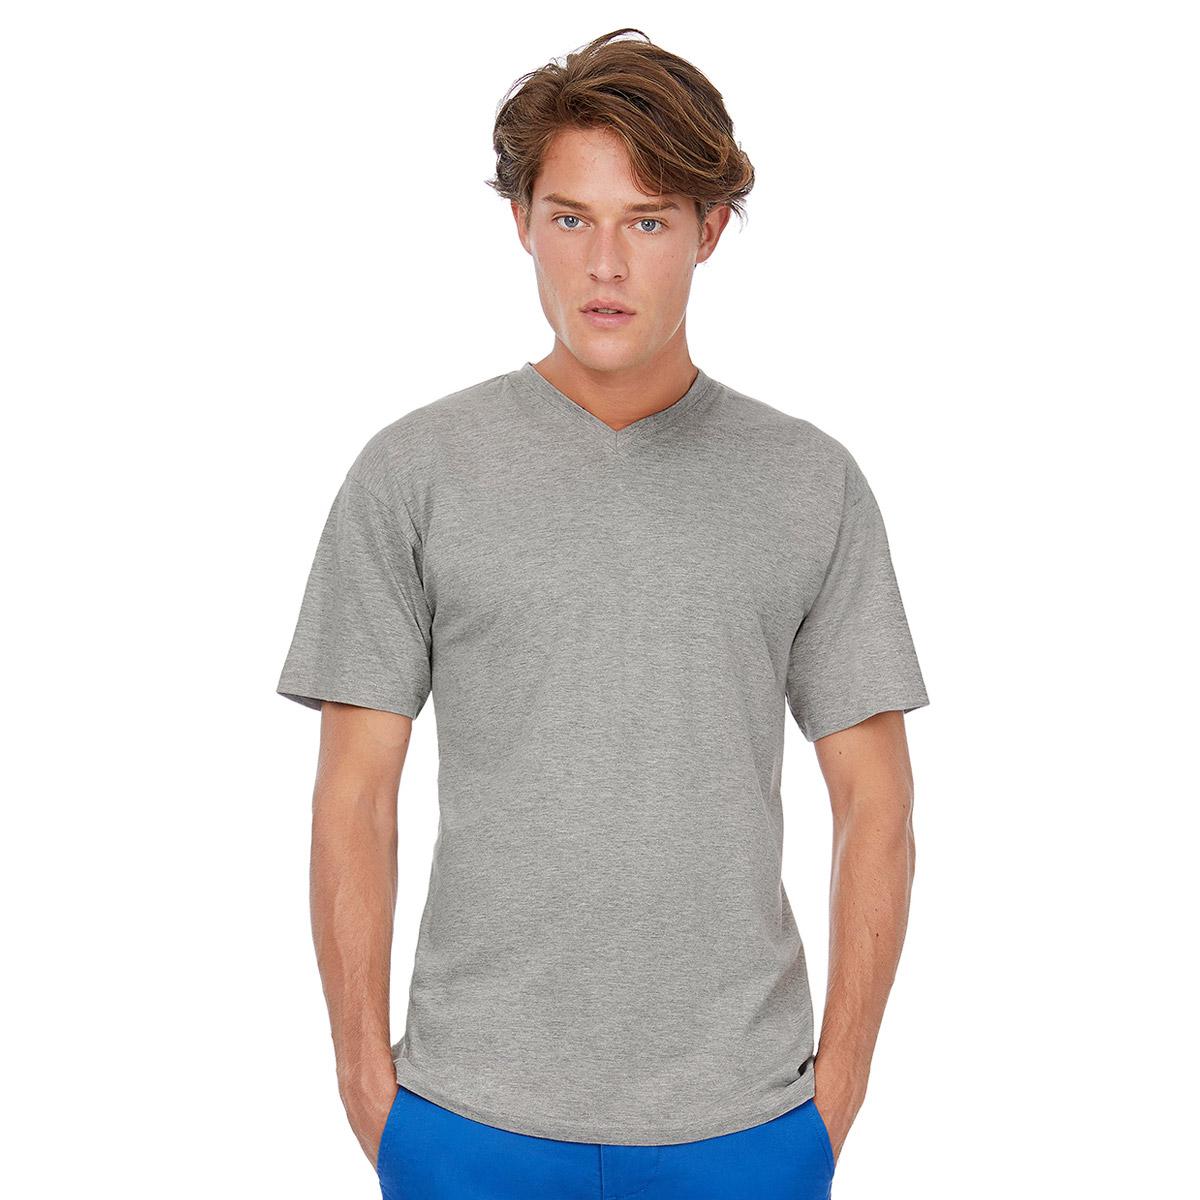 Maglietta T-shirt Exact V-Neck manica corta collo a v.